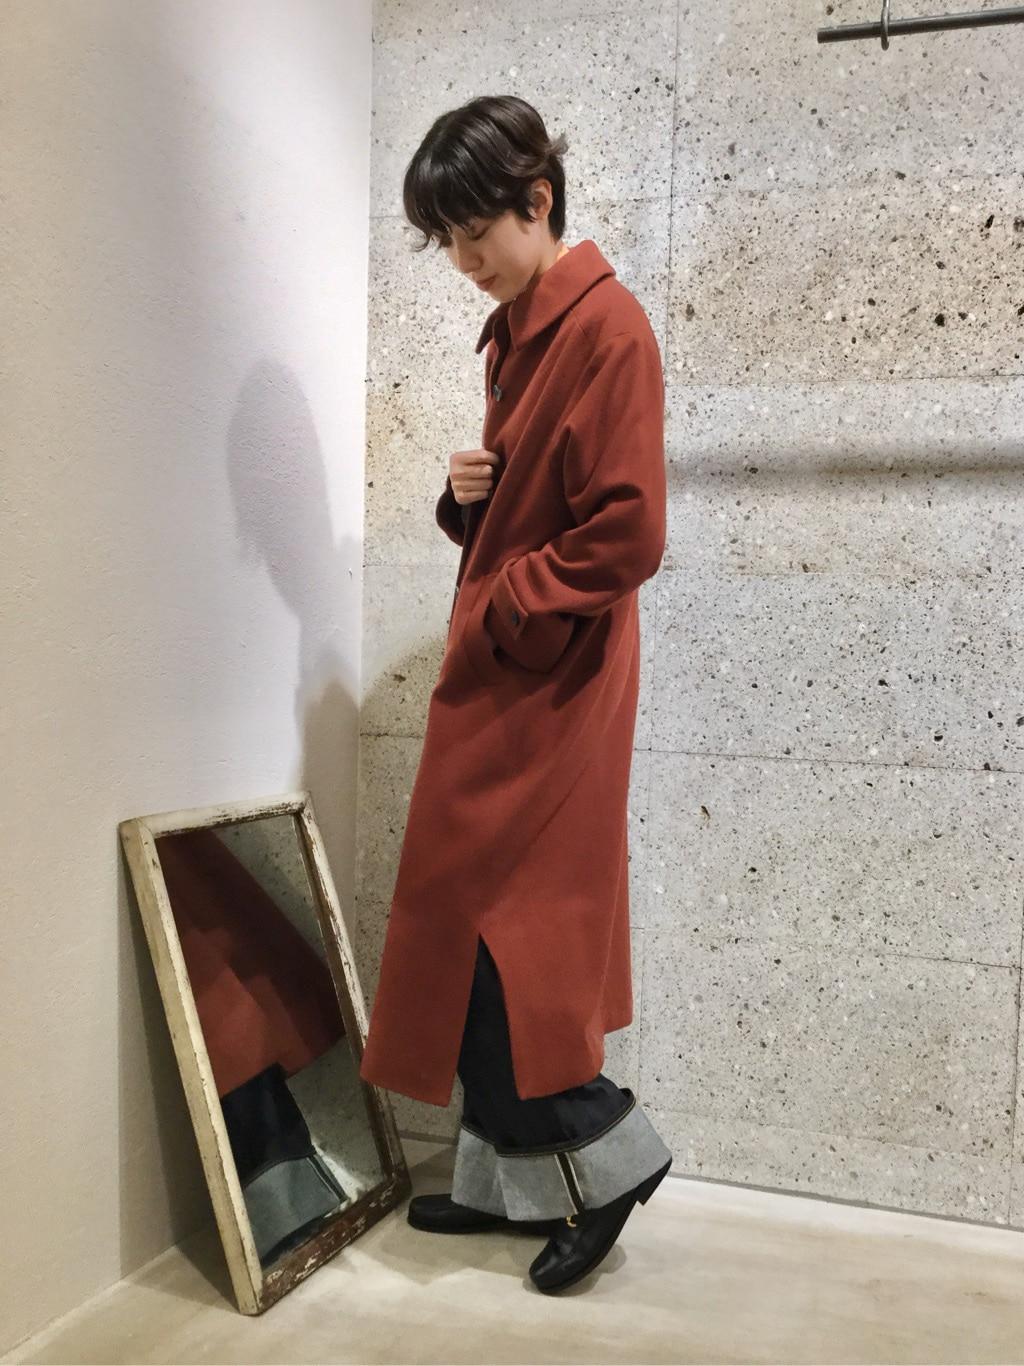 yuni ニュウマン横浜 身長:166cm 2020.09.30